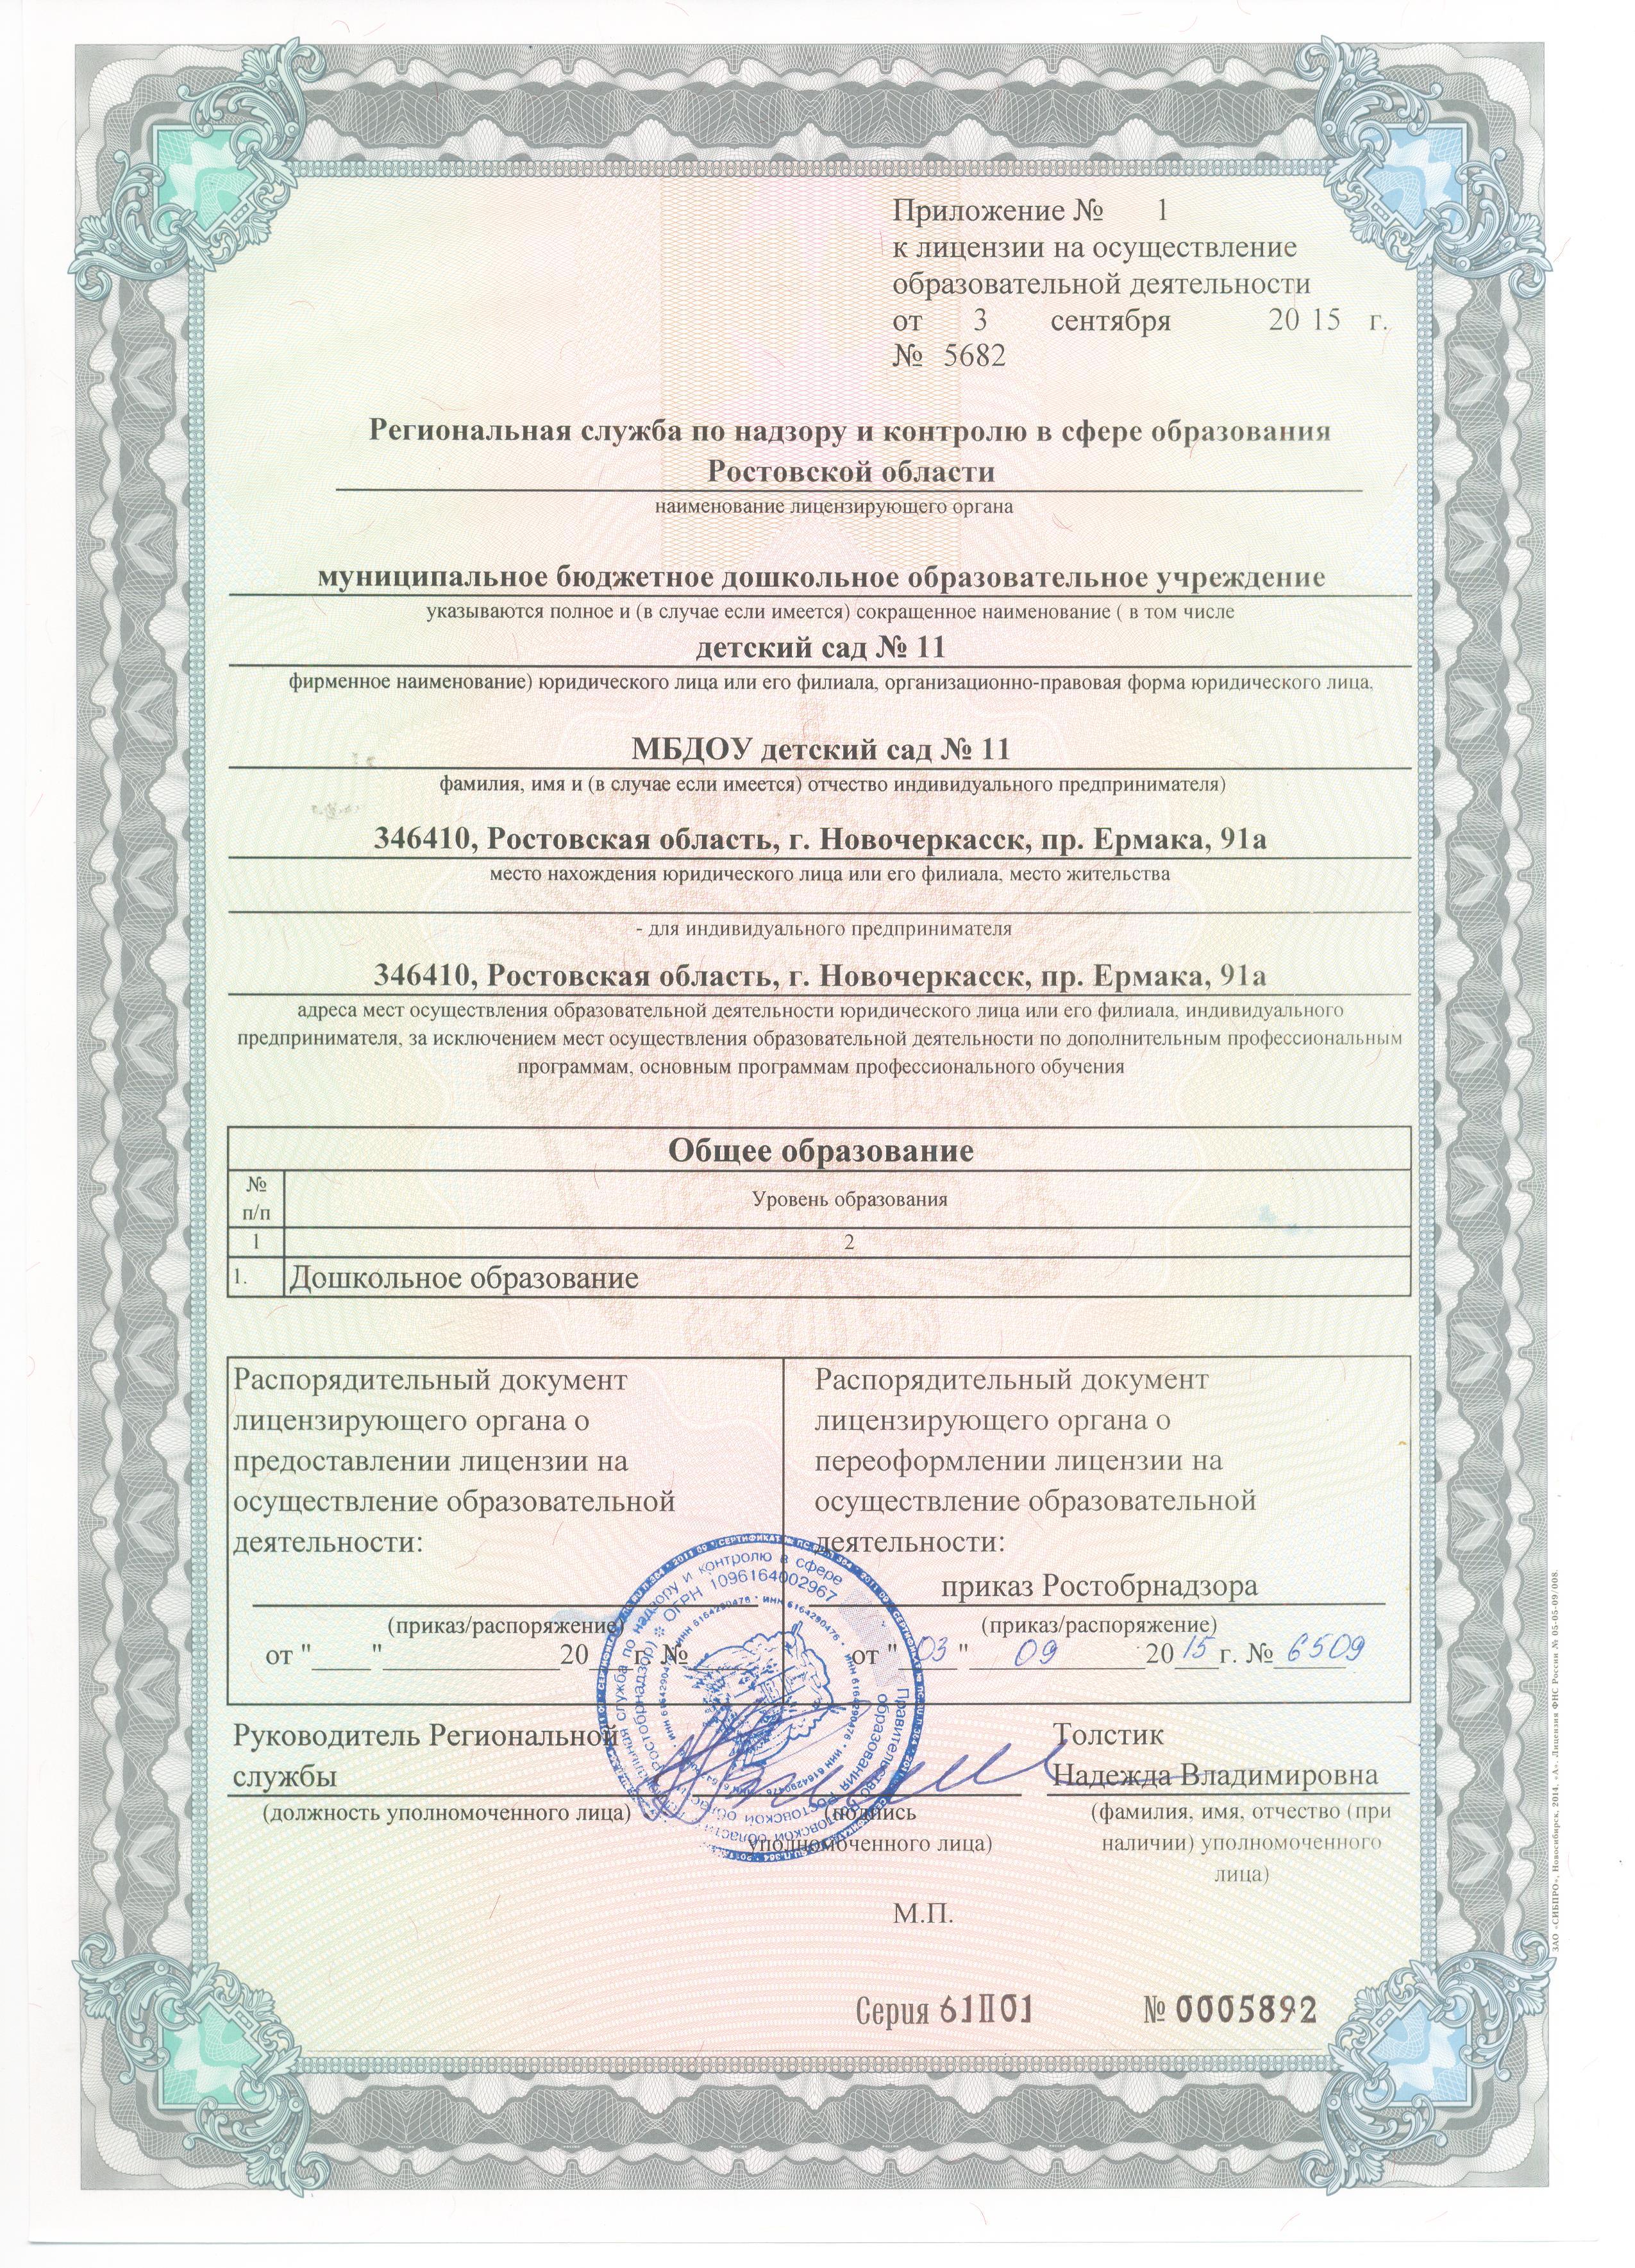 дс_11_лицензия (3)